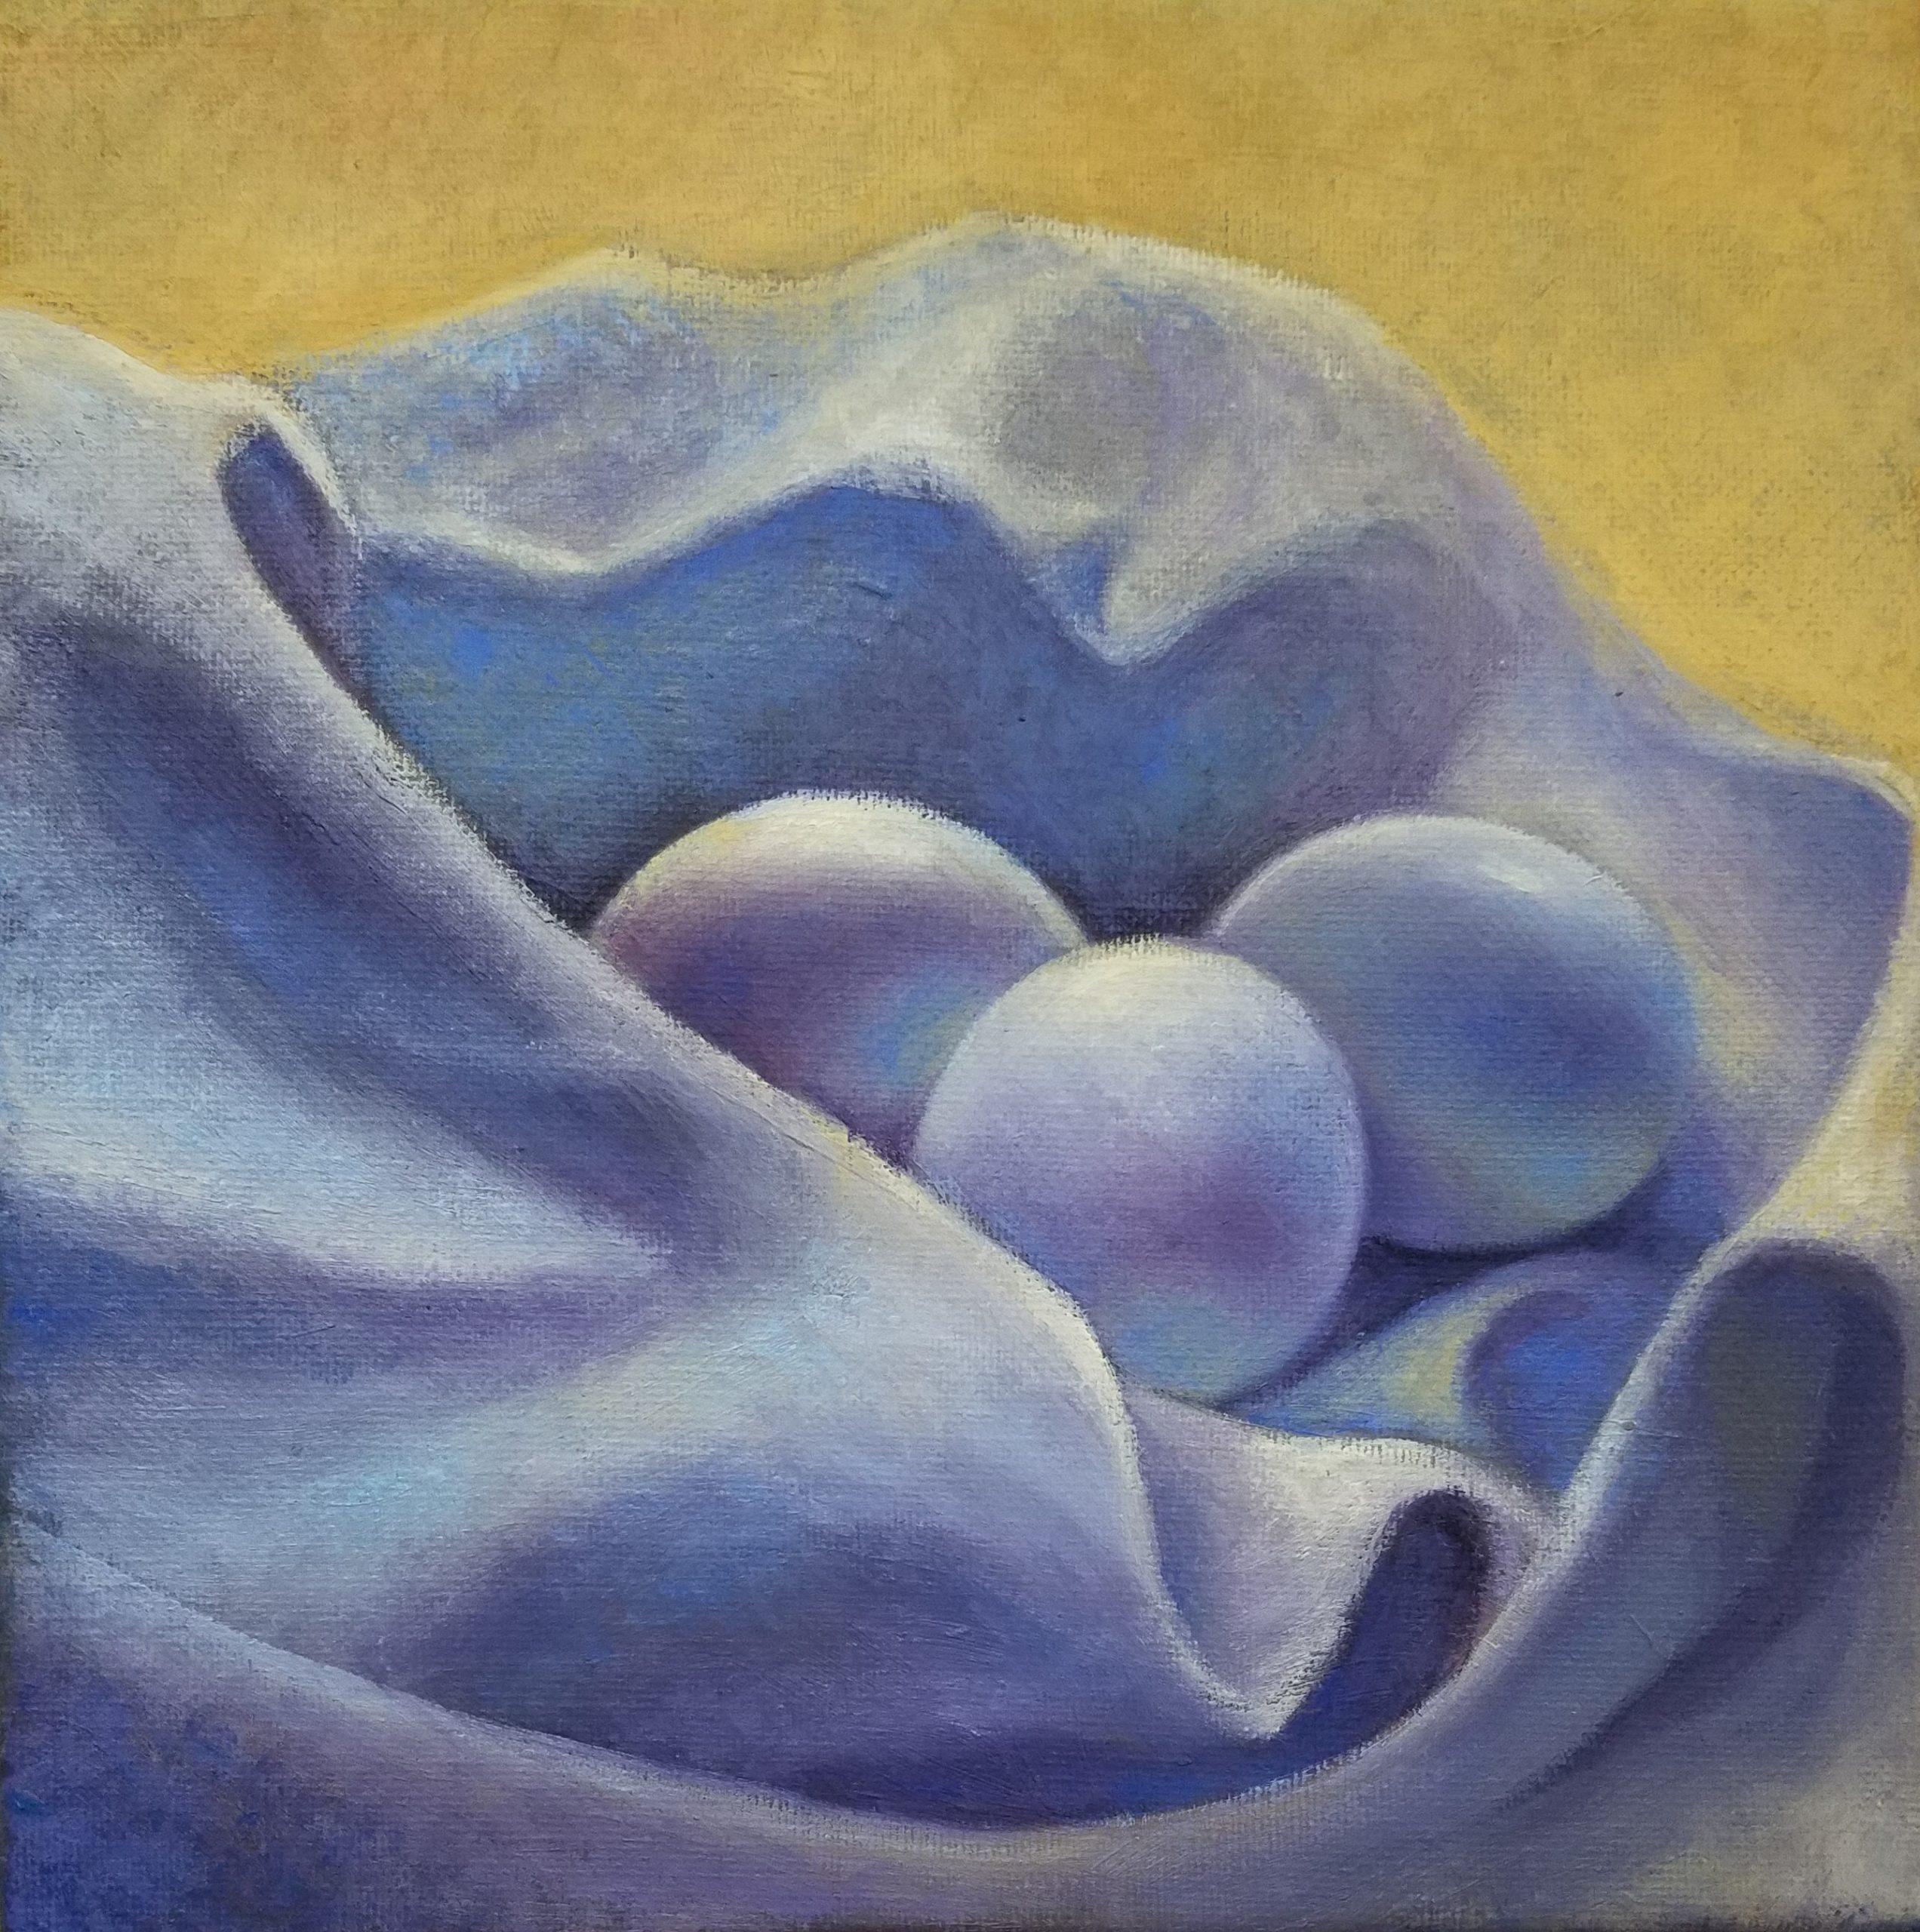 Eggs in a dishcloth